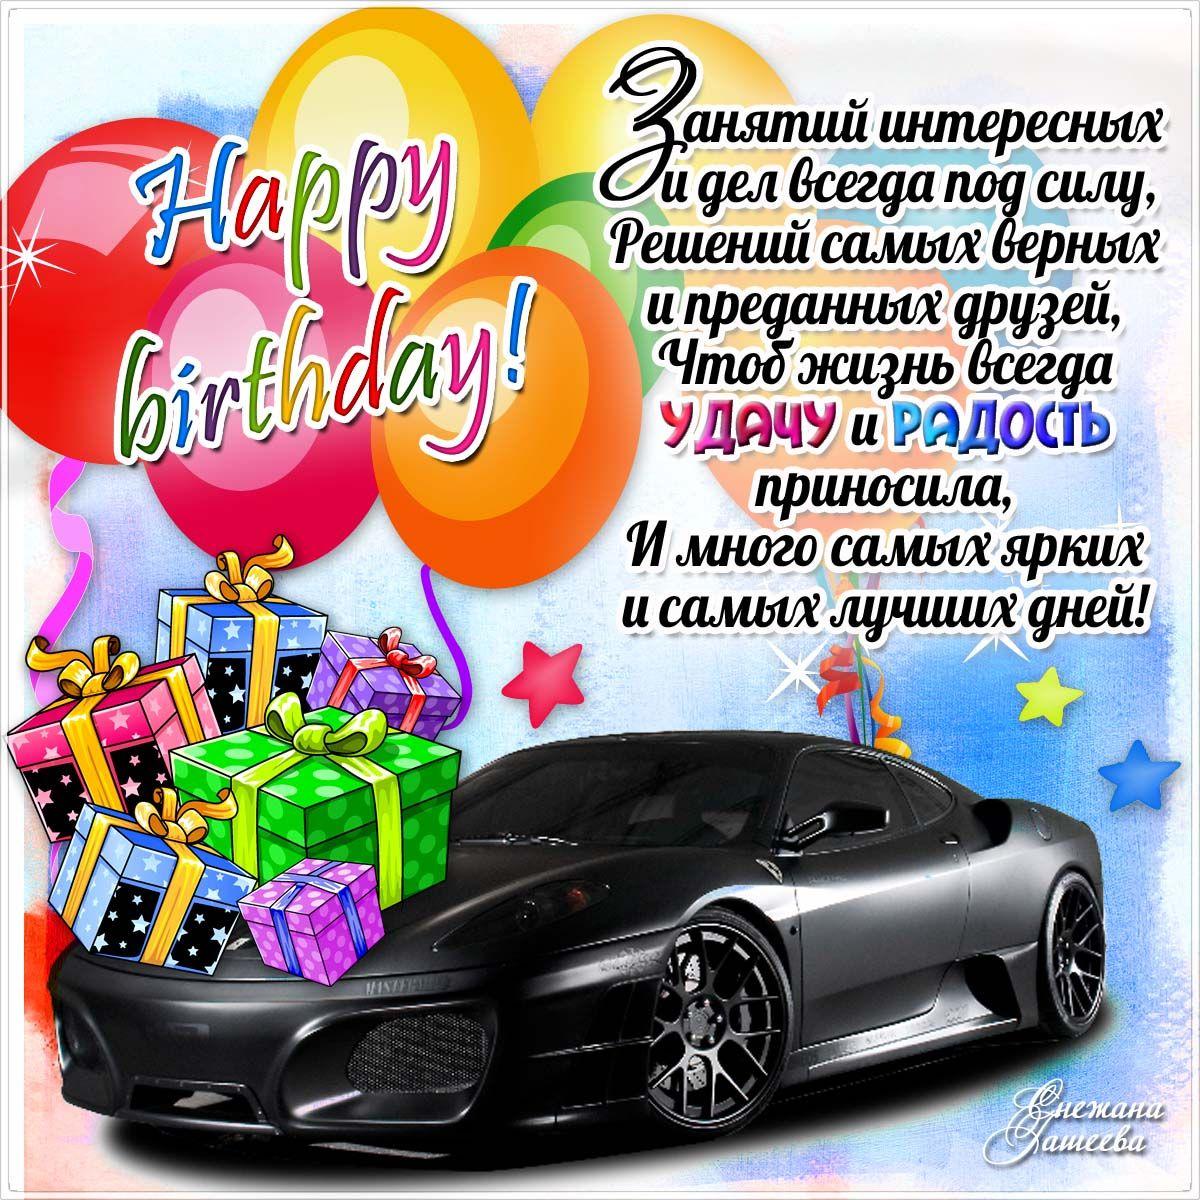 Смс поздравления с днем рождения племяннику от тети прикольные